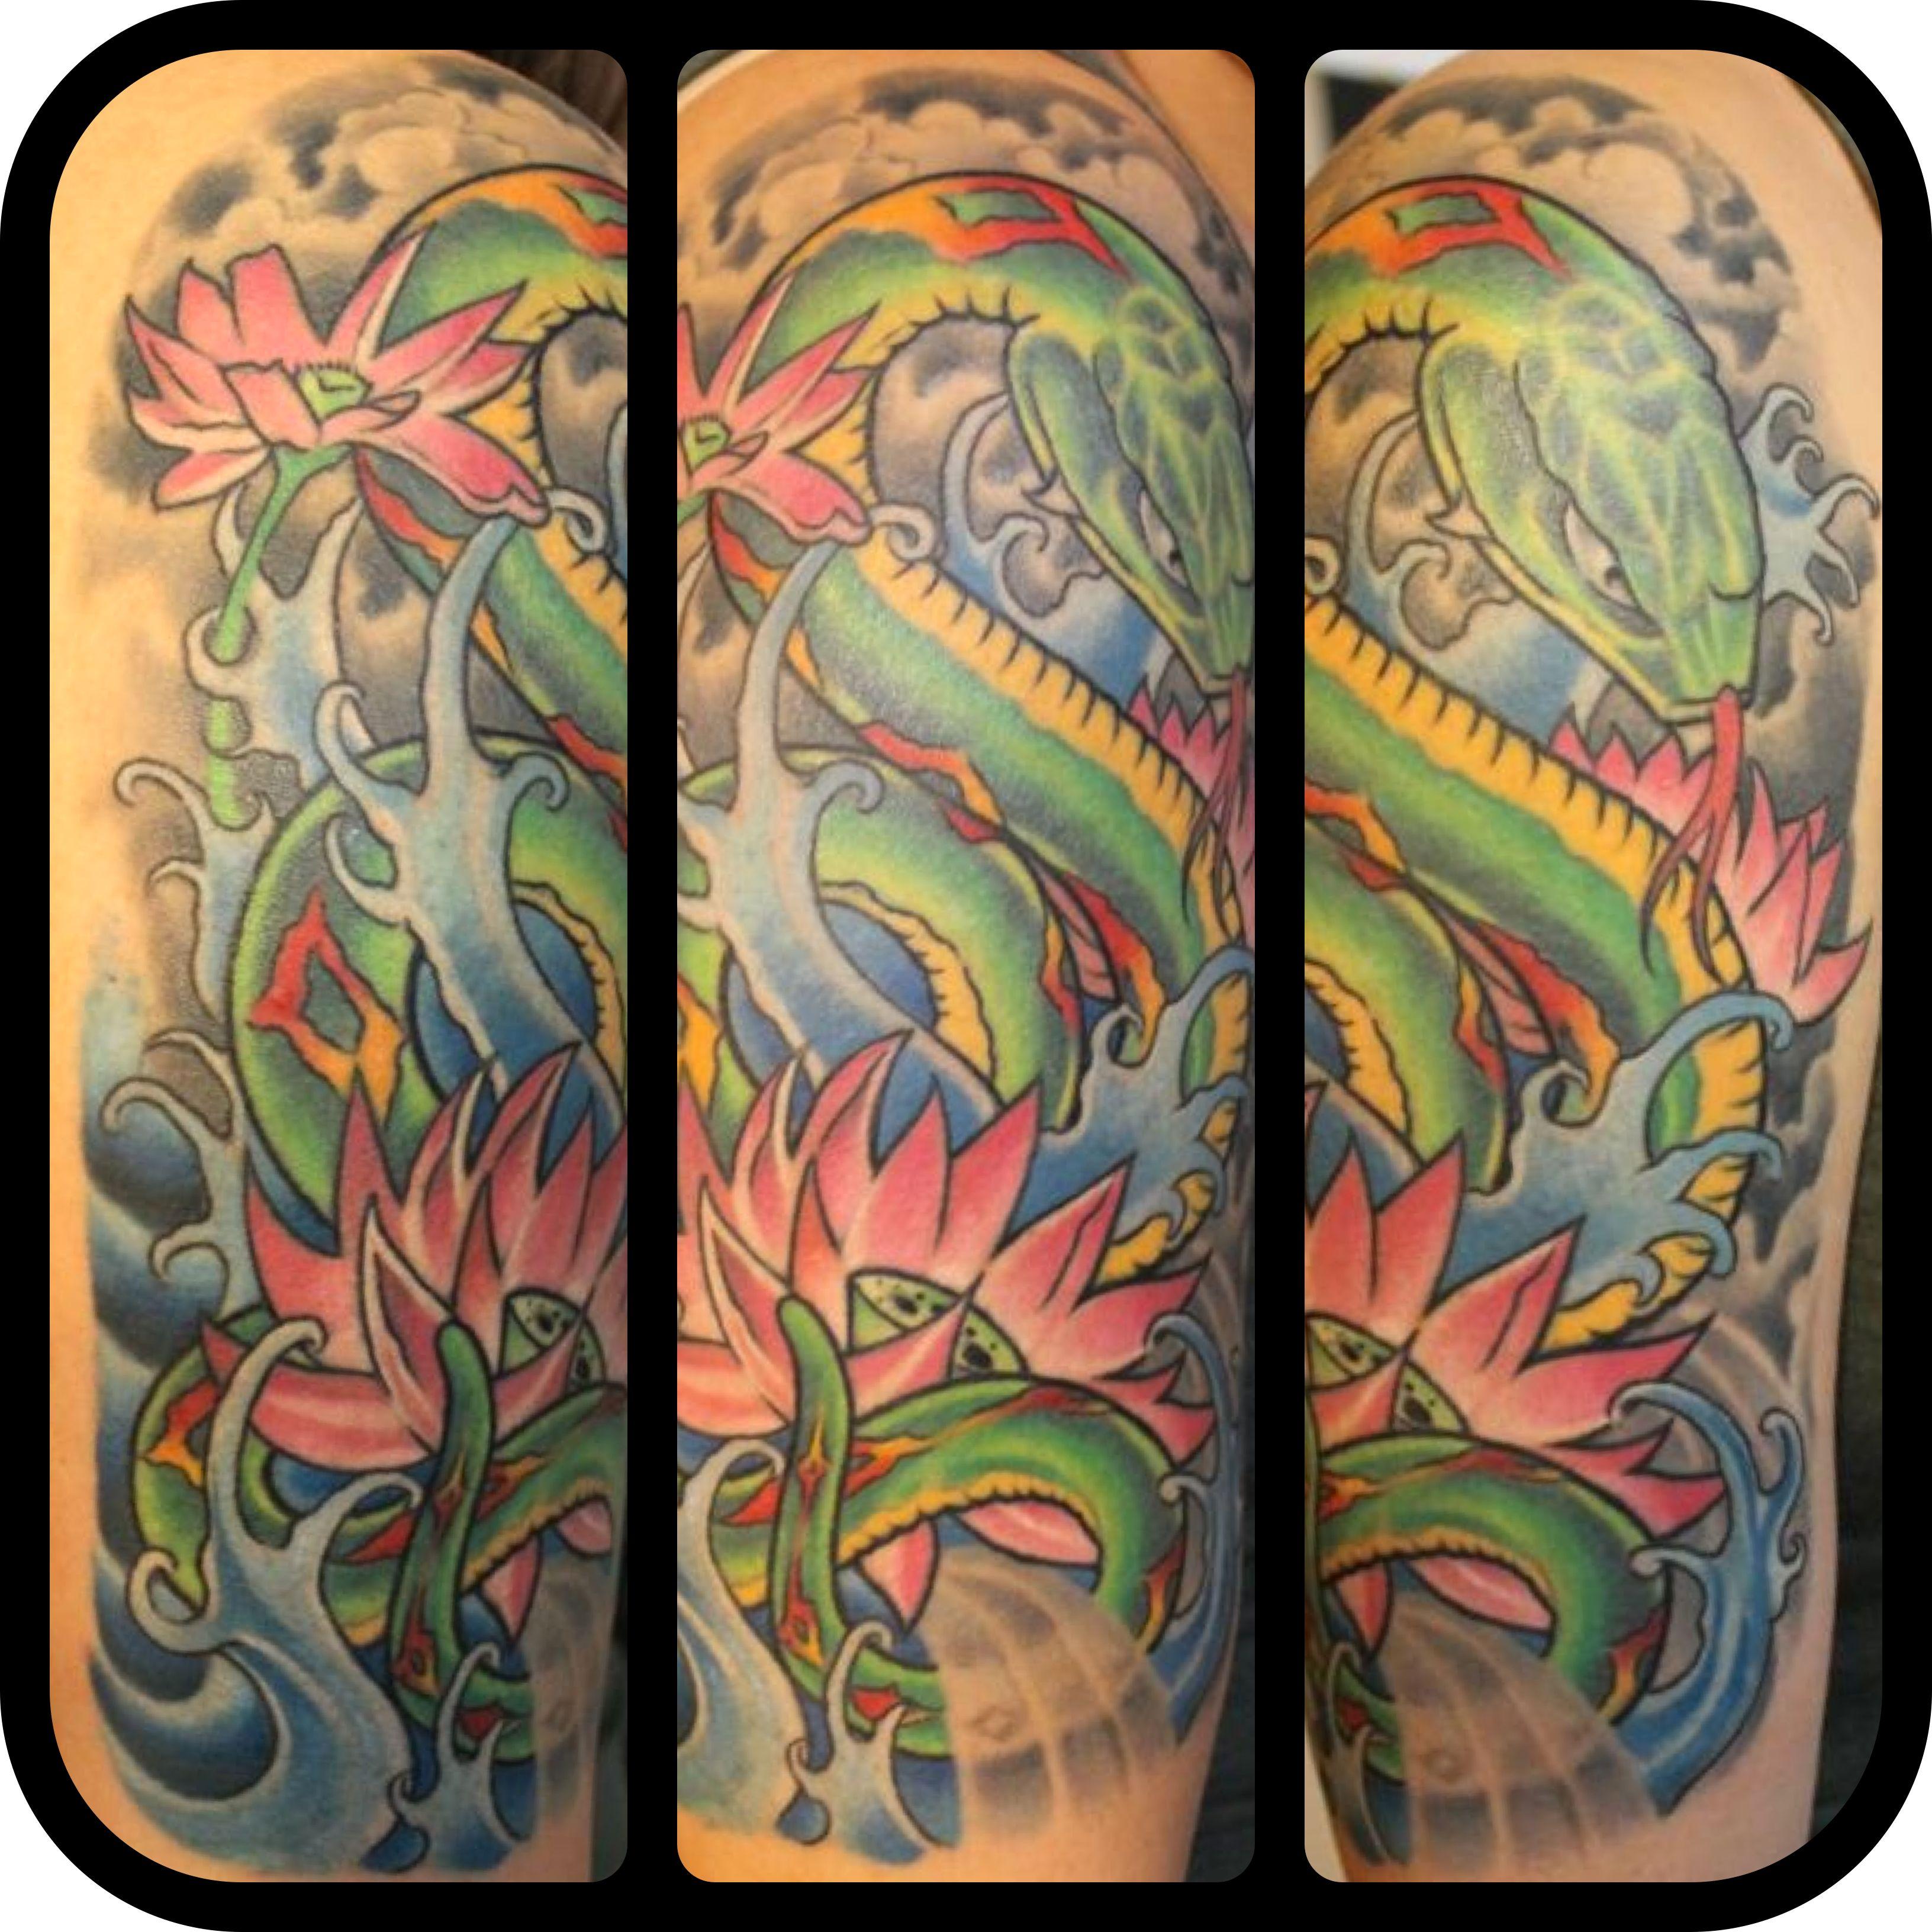 Artist matt burns shop saint tattoo knoxville tn for Saint tattoo knoxville